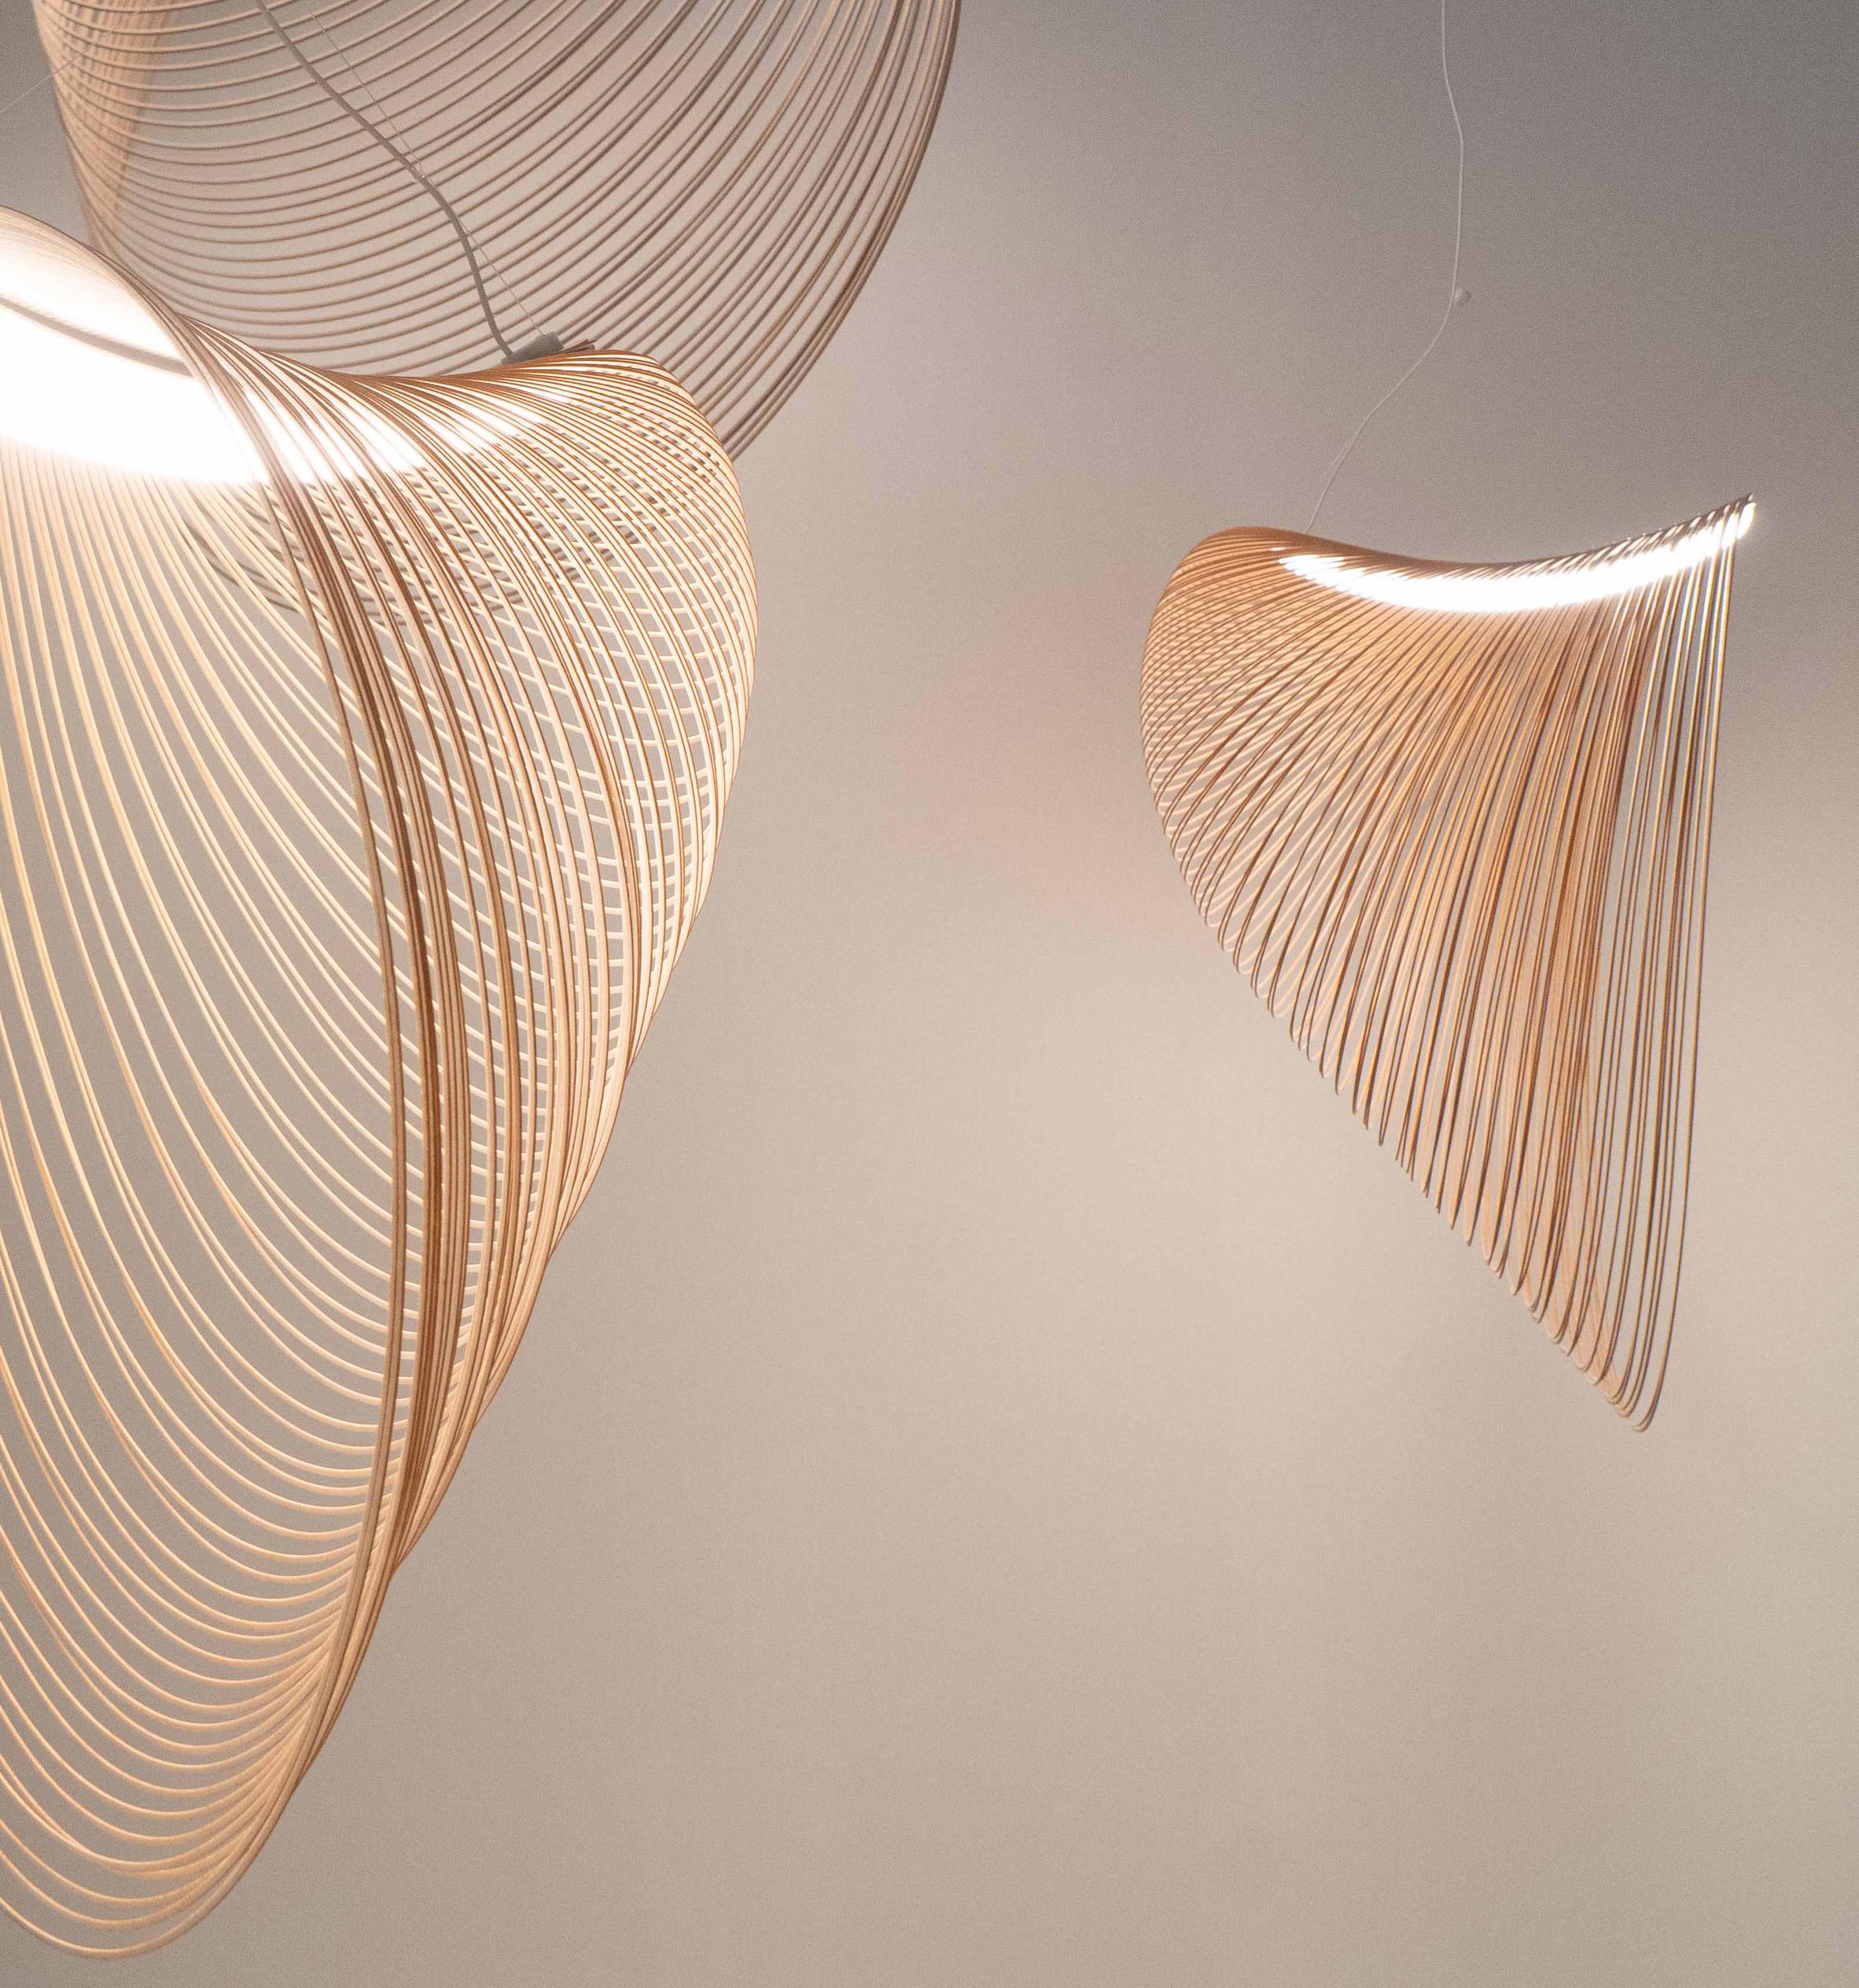 el cálido resplandor de la luz que se refleja en la superficie de madera combinado con el movimiento fantasmal crea una sensación relajante